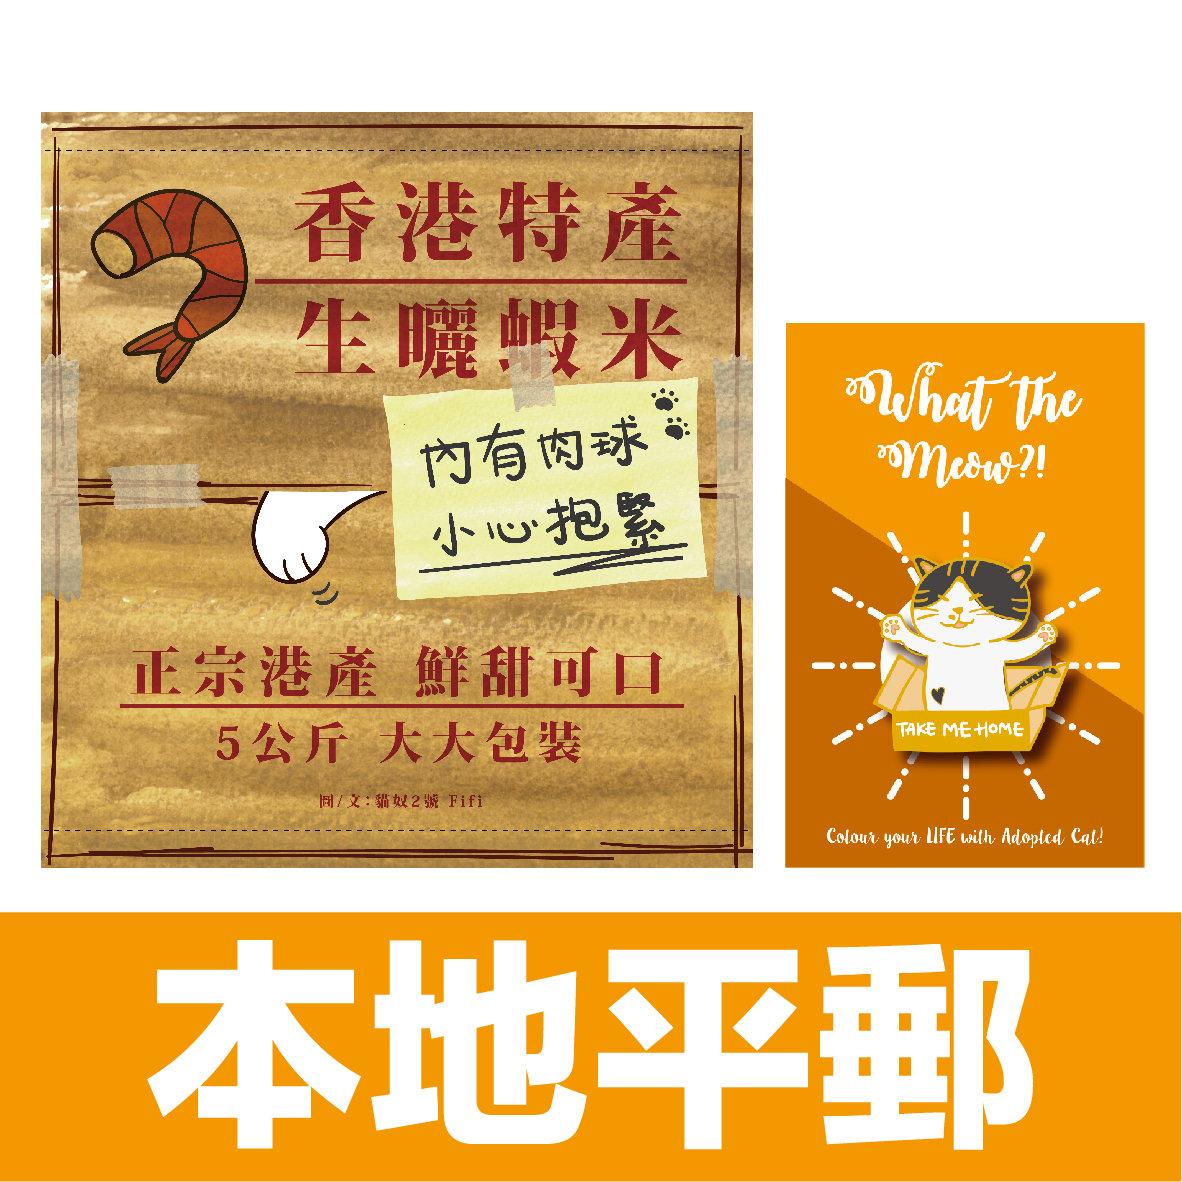 【香港平郵】內有肉球 小心抱緊